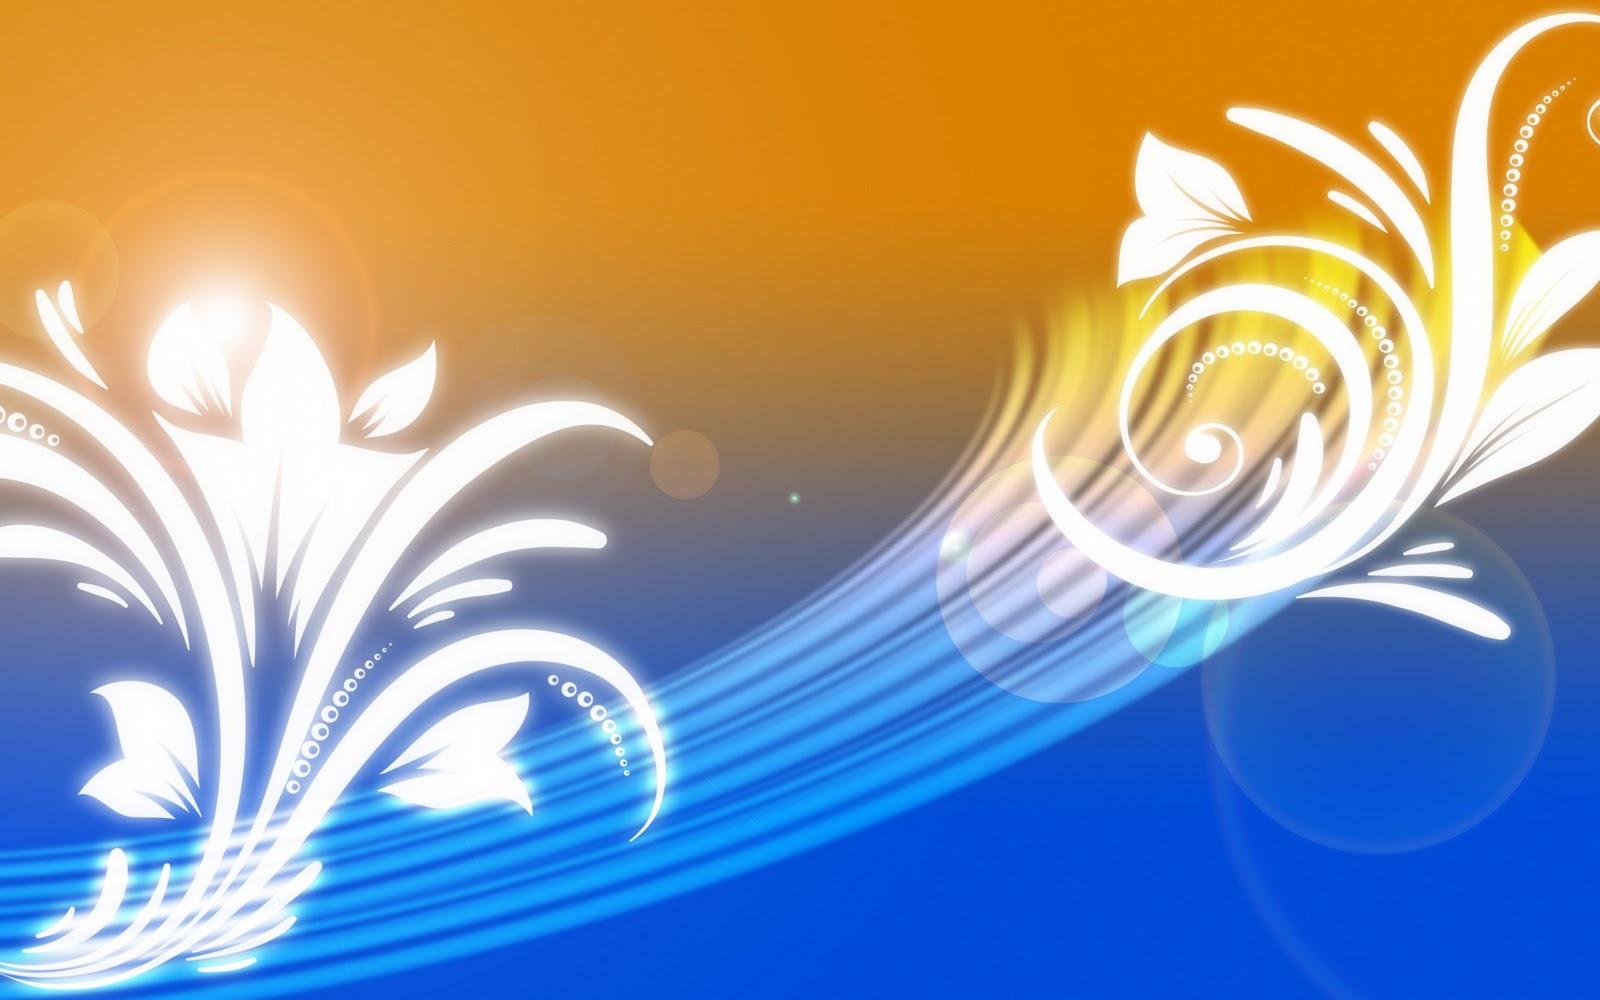 http://1.bp.blogspot.com/-NeK_QX8n4uE/TyRcdCrSZdI/AAAAAAAALTw/P7Hndg6ZE9k/s1600/Wallpaper%20-florais-papel-de-parede-flores%20(2).jpg